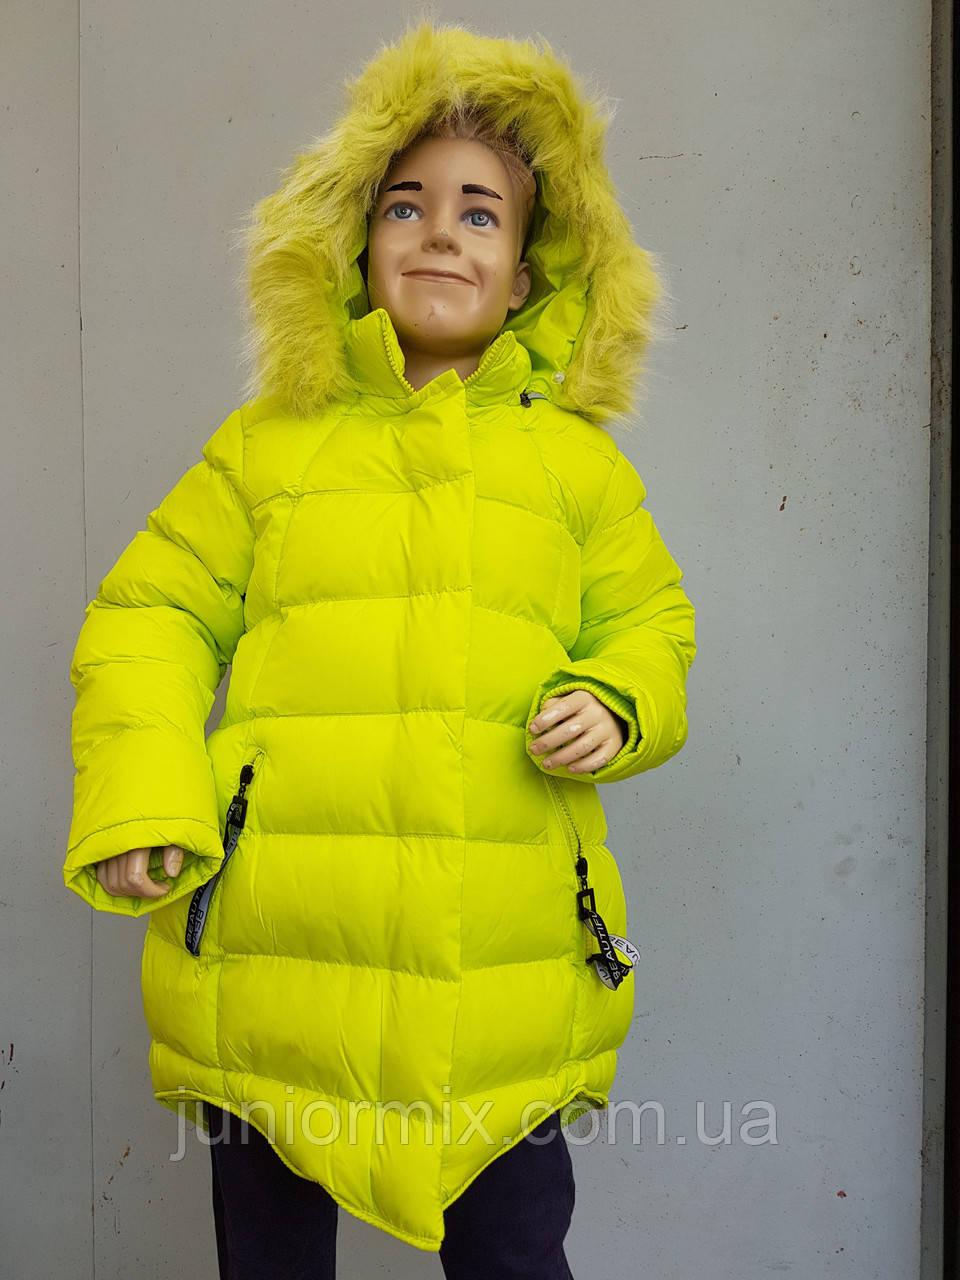 Куртка детская на девочку HIKIS с лентой Beautyfull средняя